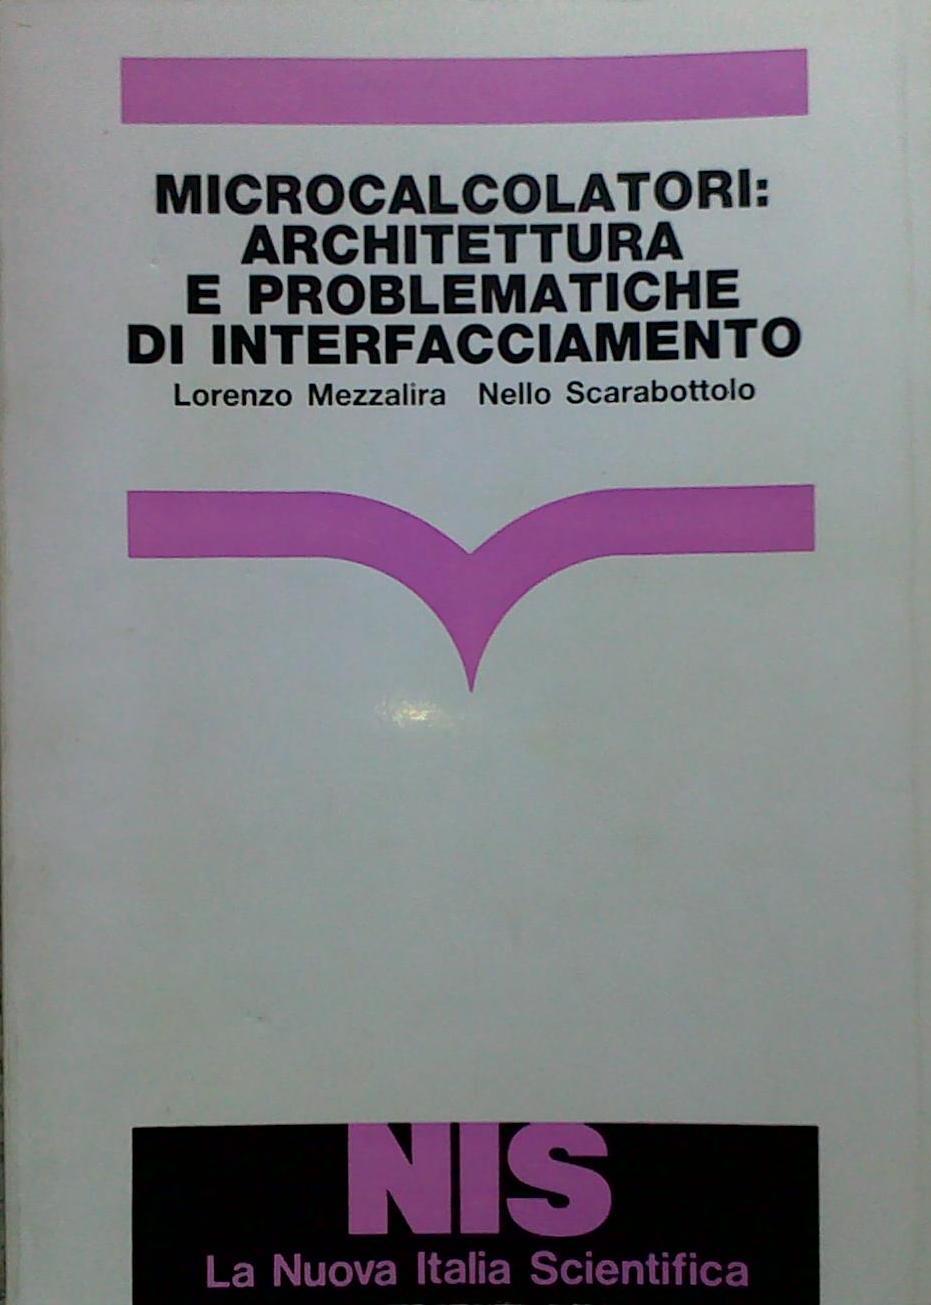 Microcalcolatori: architettura e problematiche di interfacciamento